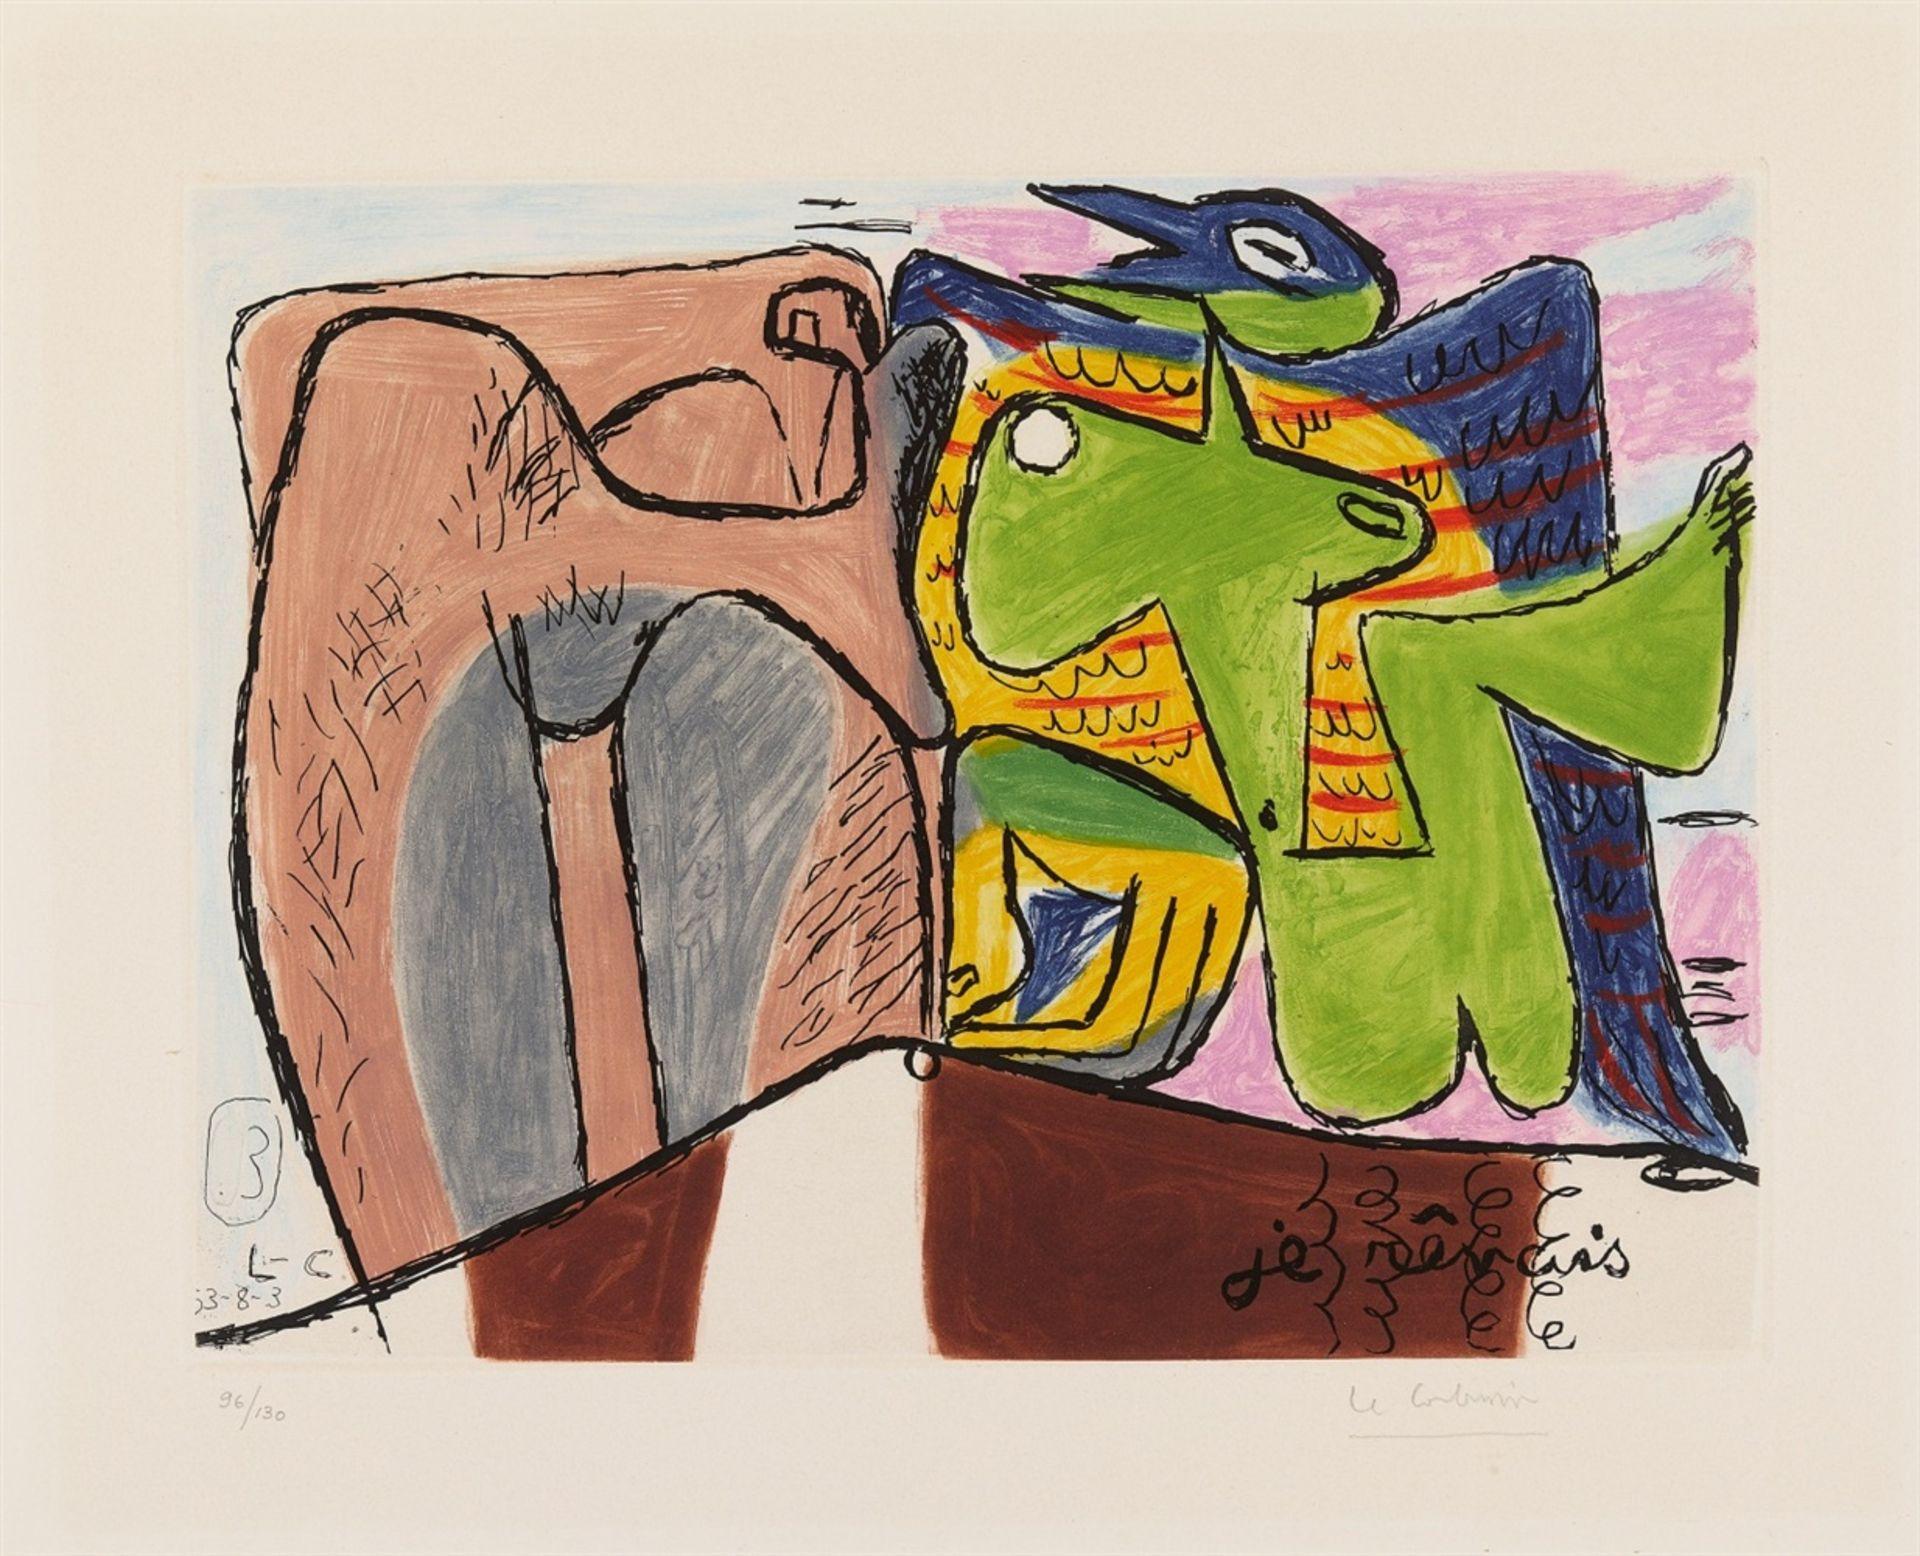 Le Corbusier (Charles-Édouard Jeanneret)Unité - Bild 26 aus 27